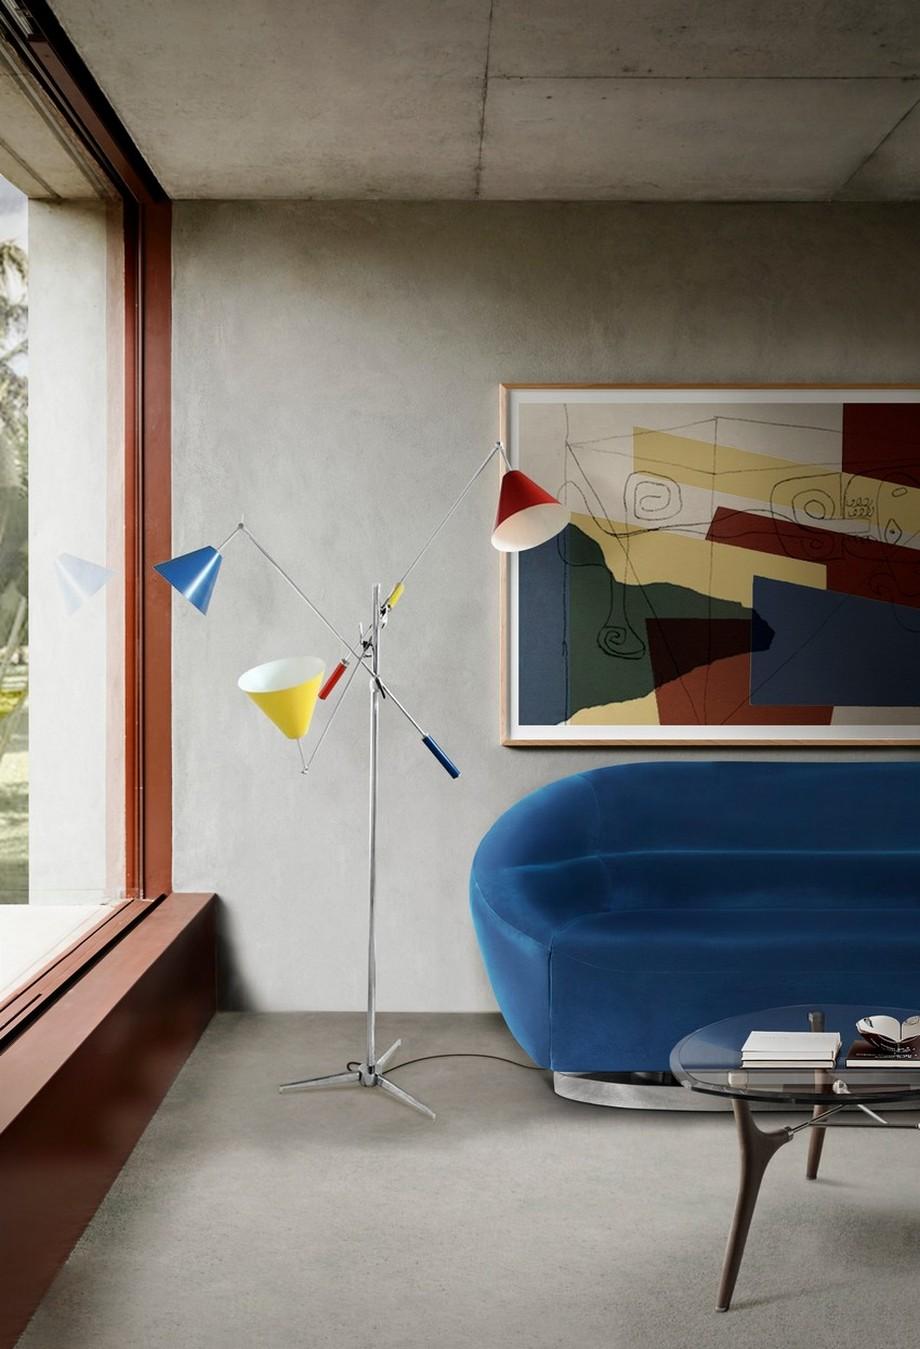 Diseño de interiores: Sofas modernos para la decoración de una sala de estar elegante diseño de interiores Diseño de interiores: Sofas modernos para la decoración de una sala de estar elegante DL sinatra floor 3cores 2